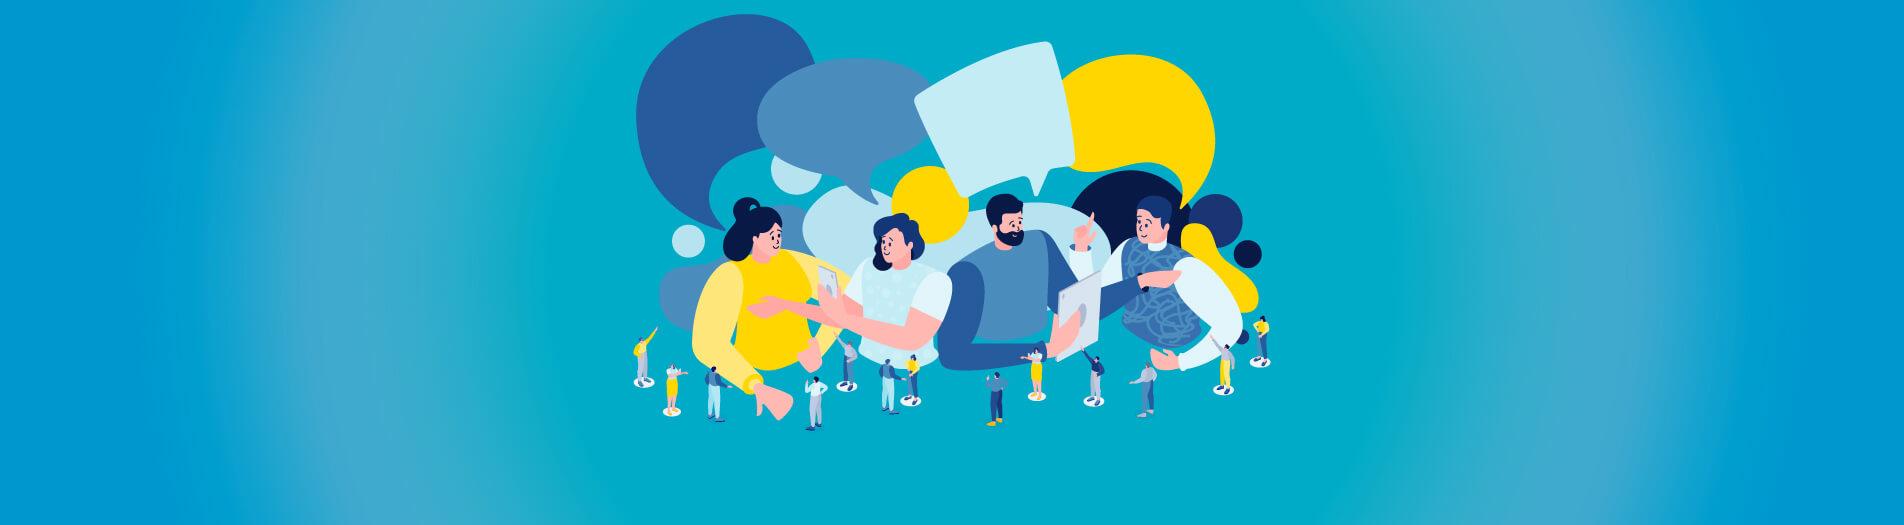 سازماندهی یک گفتوگوی انتقادی